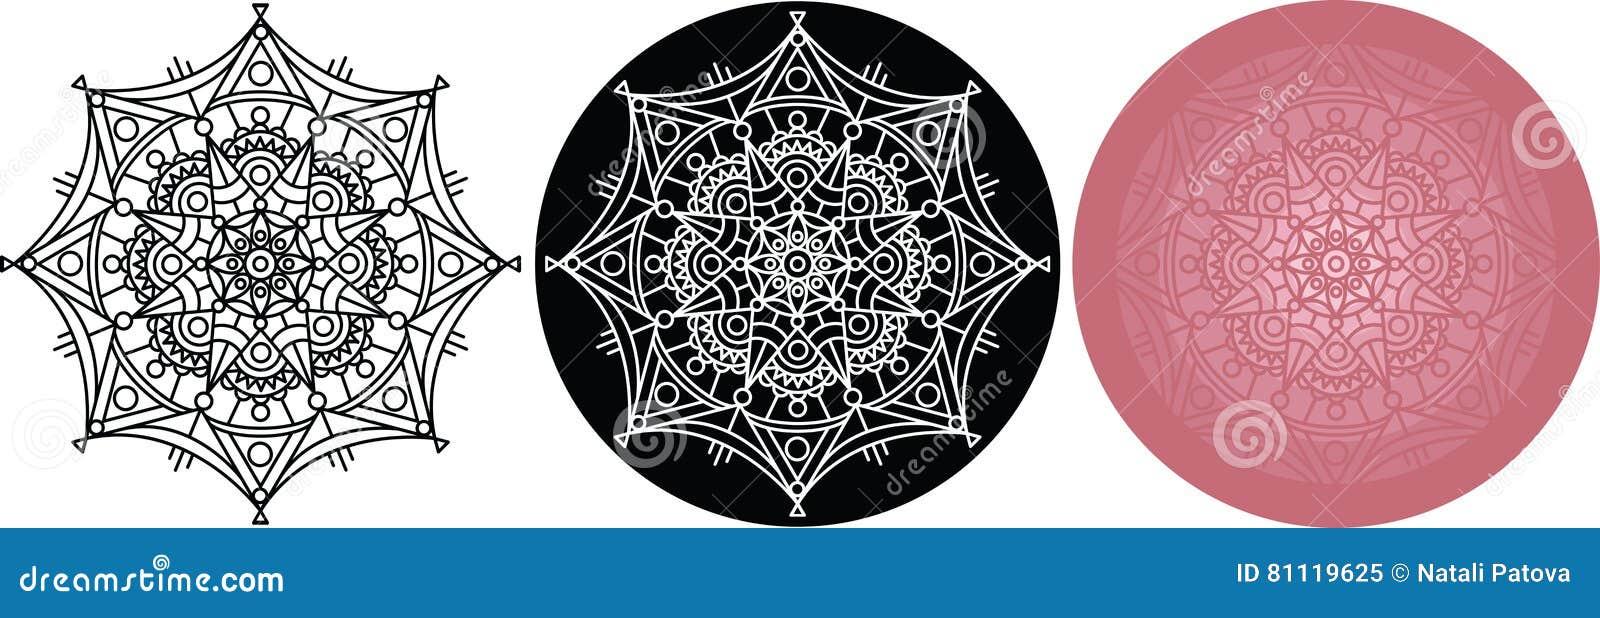 Coloriage Mandala Couleur.Ensemble De Mandala Pour Livre De Coloriage Noir Blanc Modele De